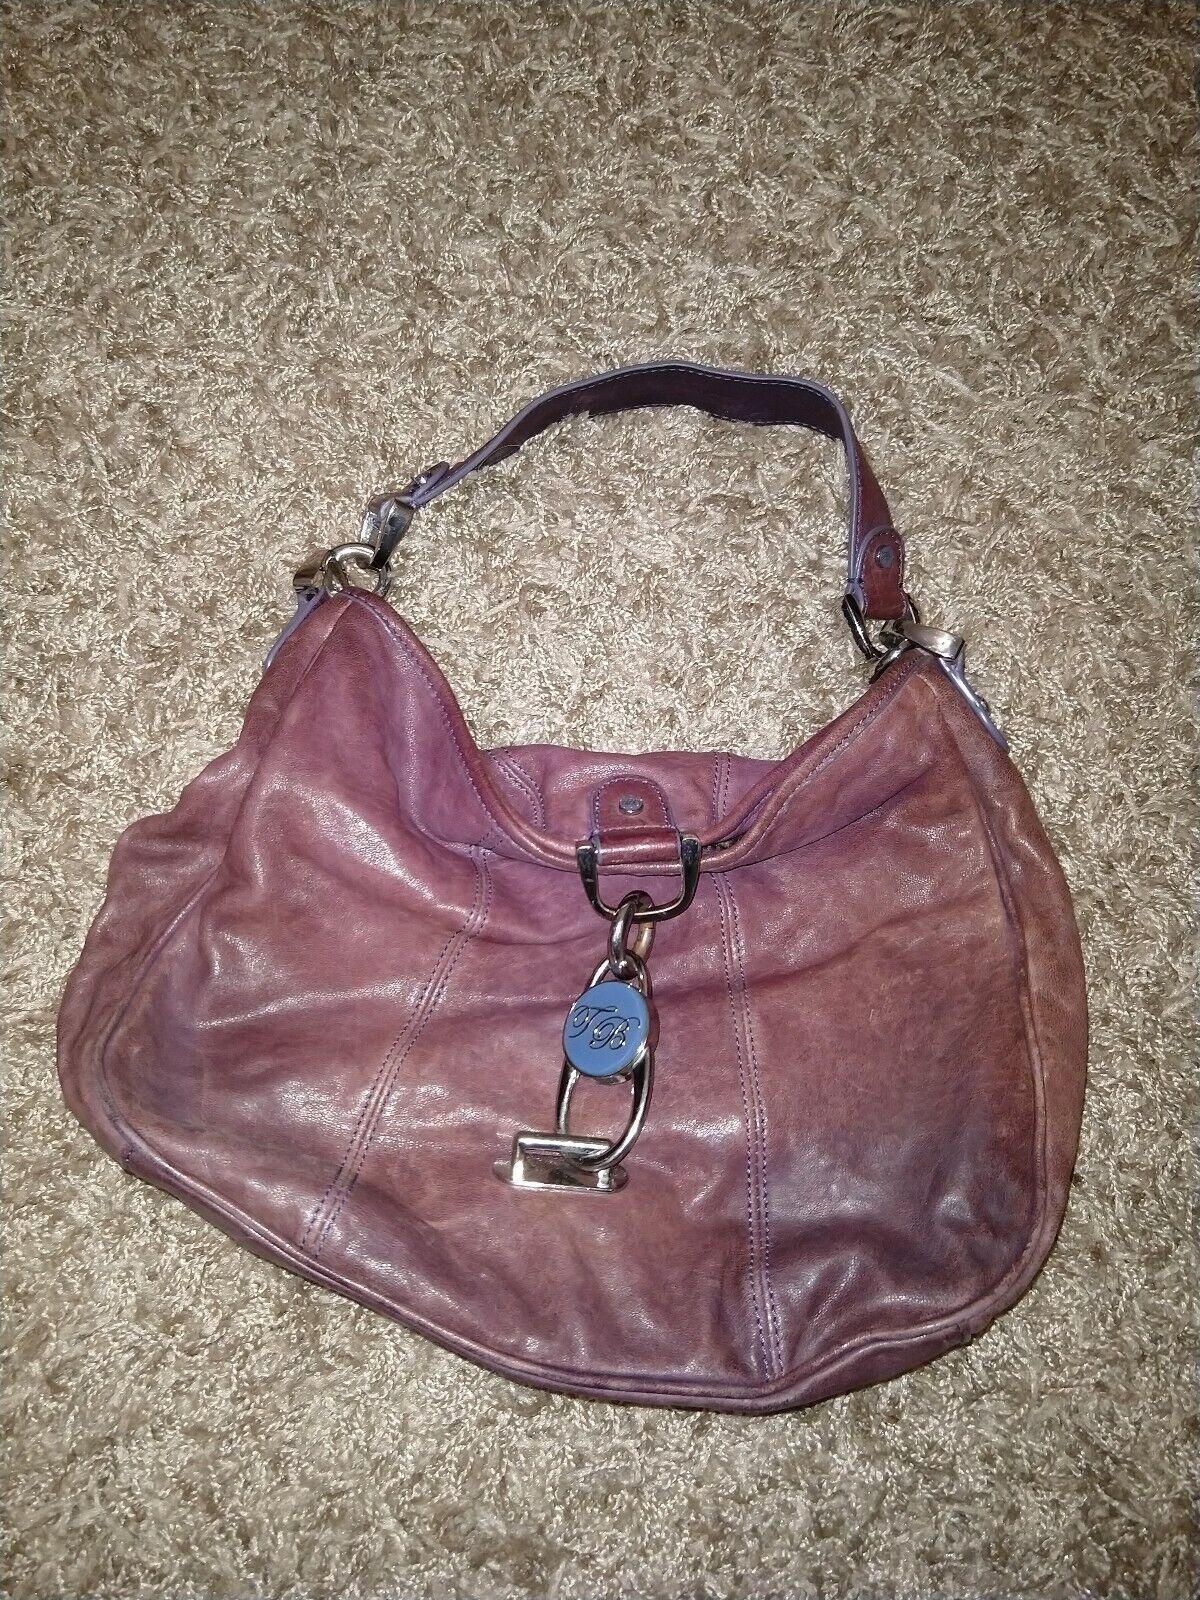 Ted Baker Purple Leather Shoulder Handbag